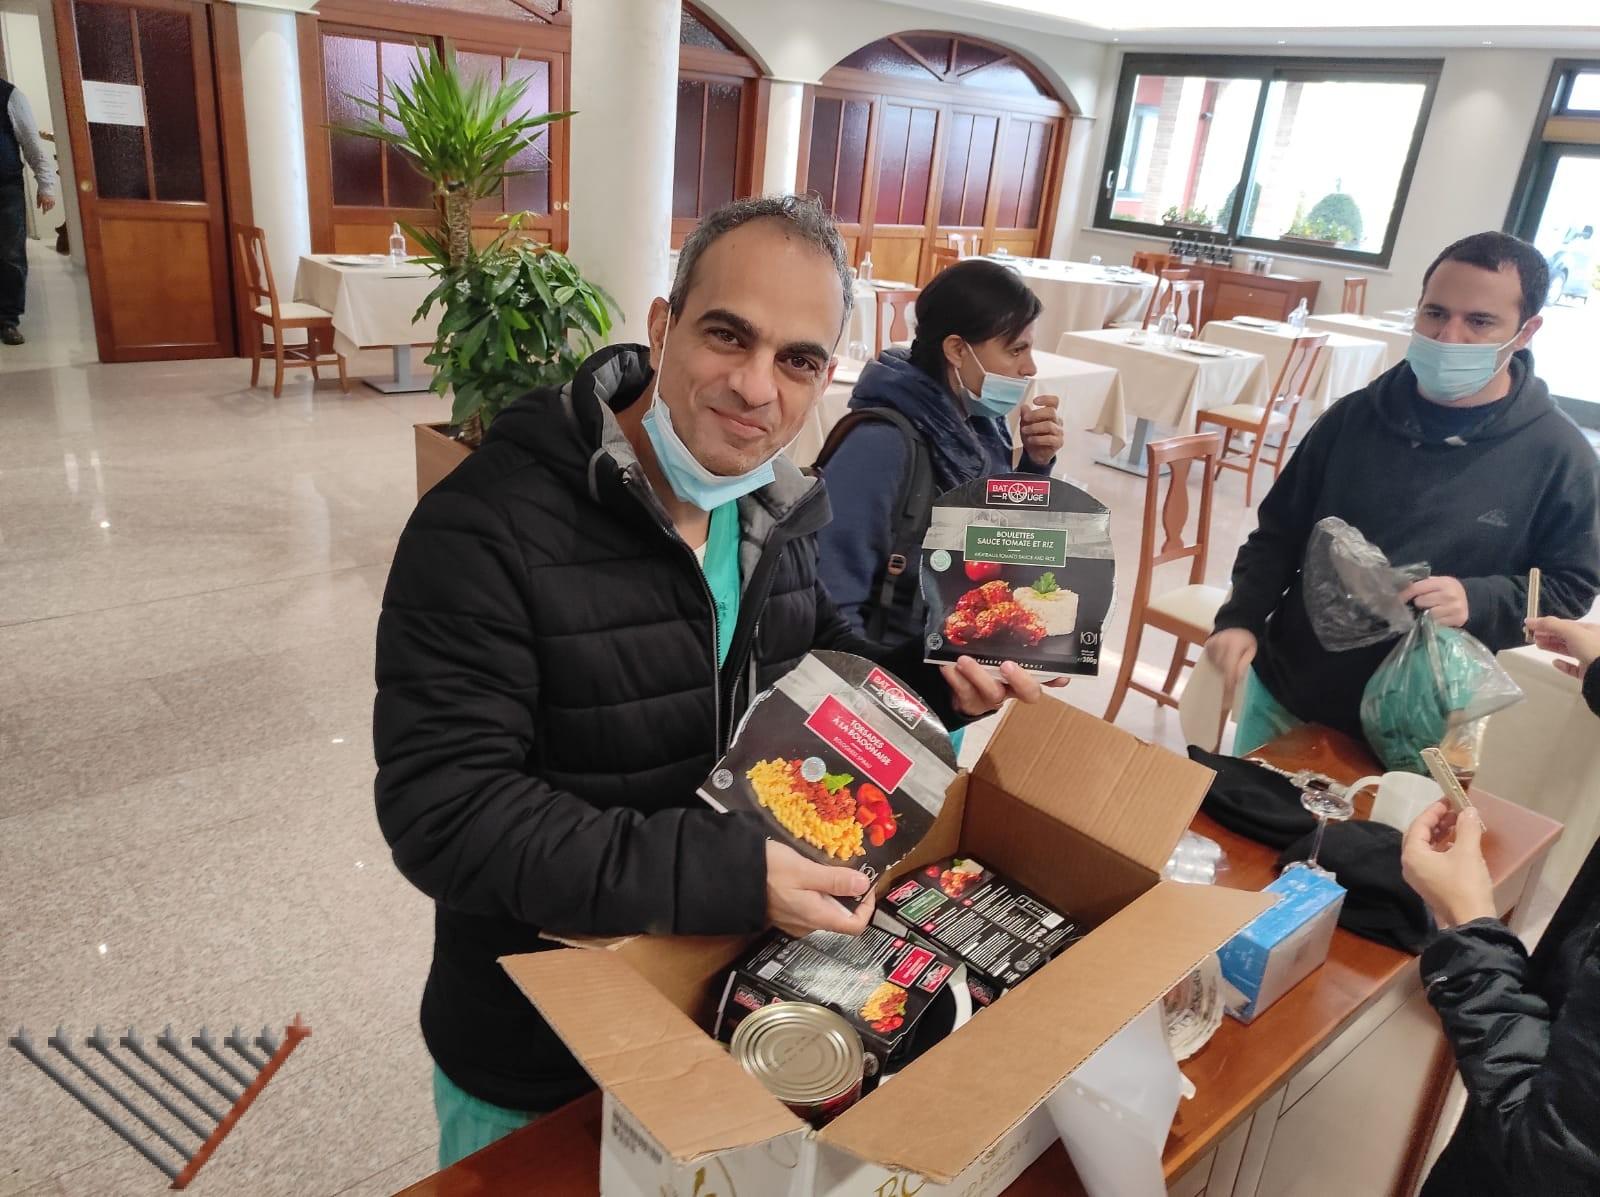 Delegation of covid doctors receive Kosher food